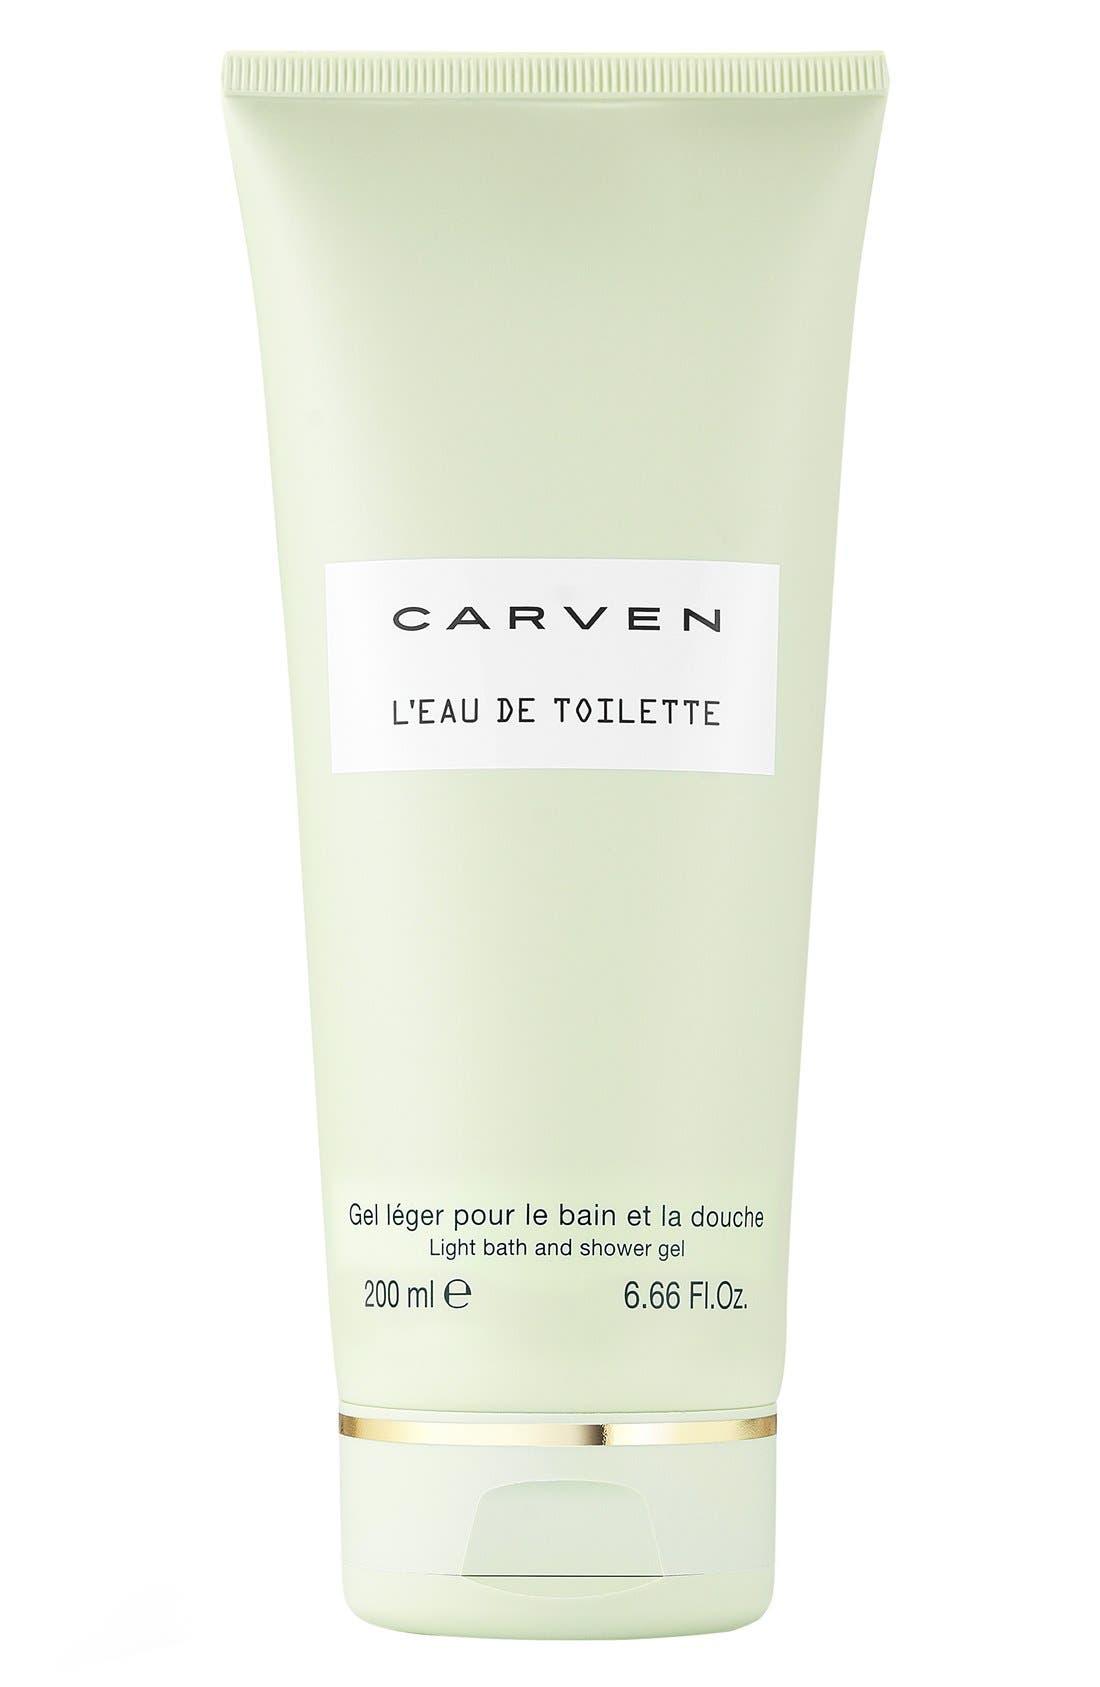 Carven L'Eau de Toilette Light Bath & Shower Gel